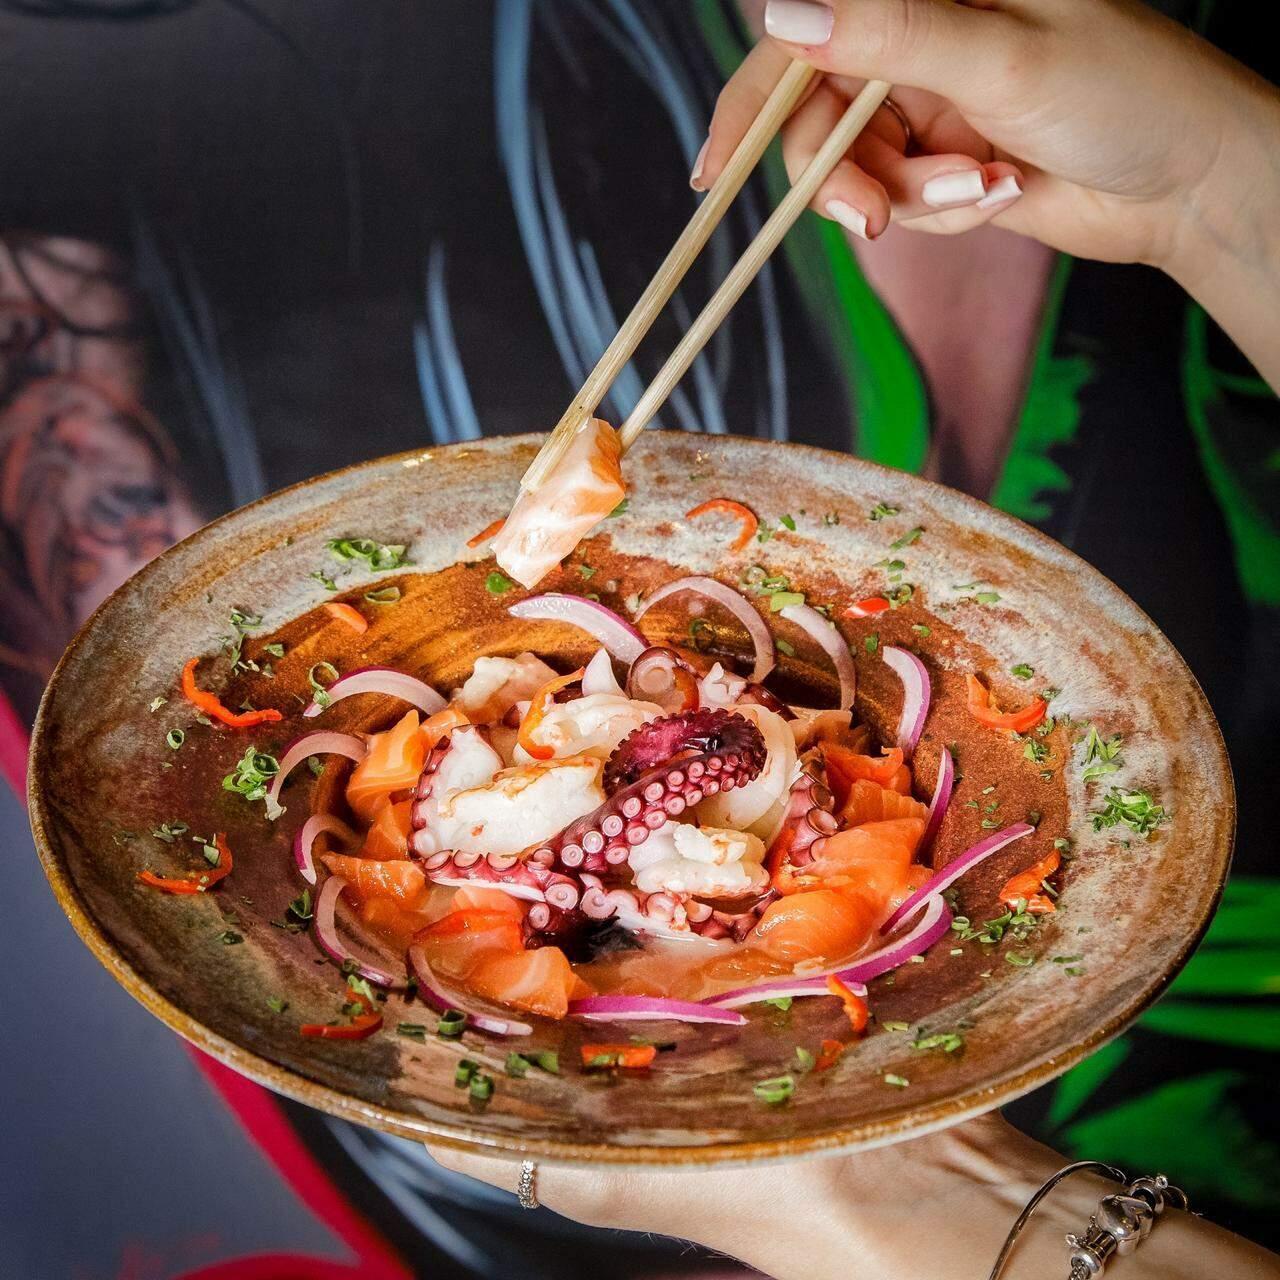 Cardápio tem variedade de pratos orientais. (Foto: Amanda  de Marchi)